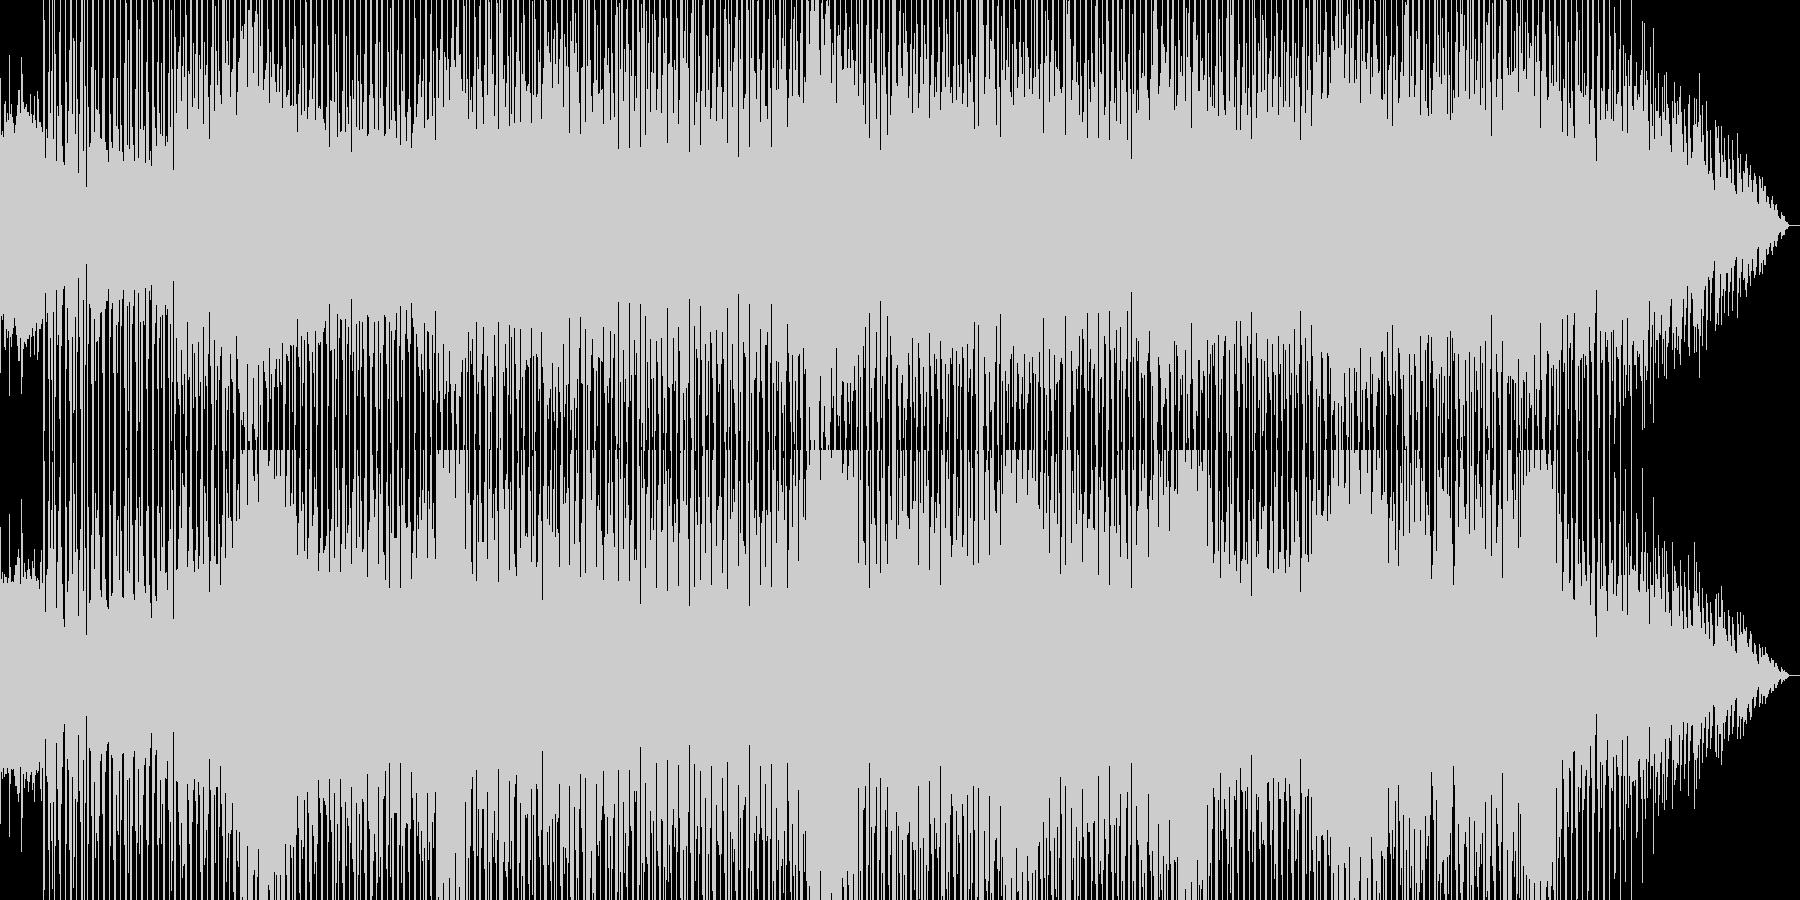 きらめくベル系ピアノ音が美しいBGMの未再生の波形